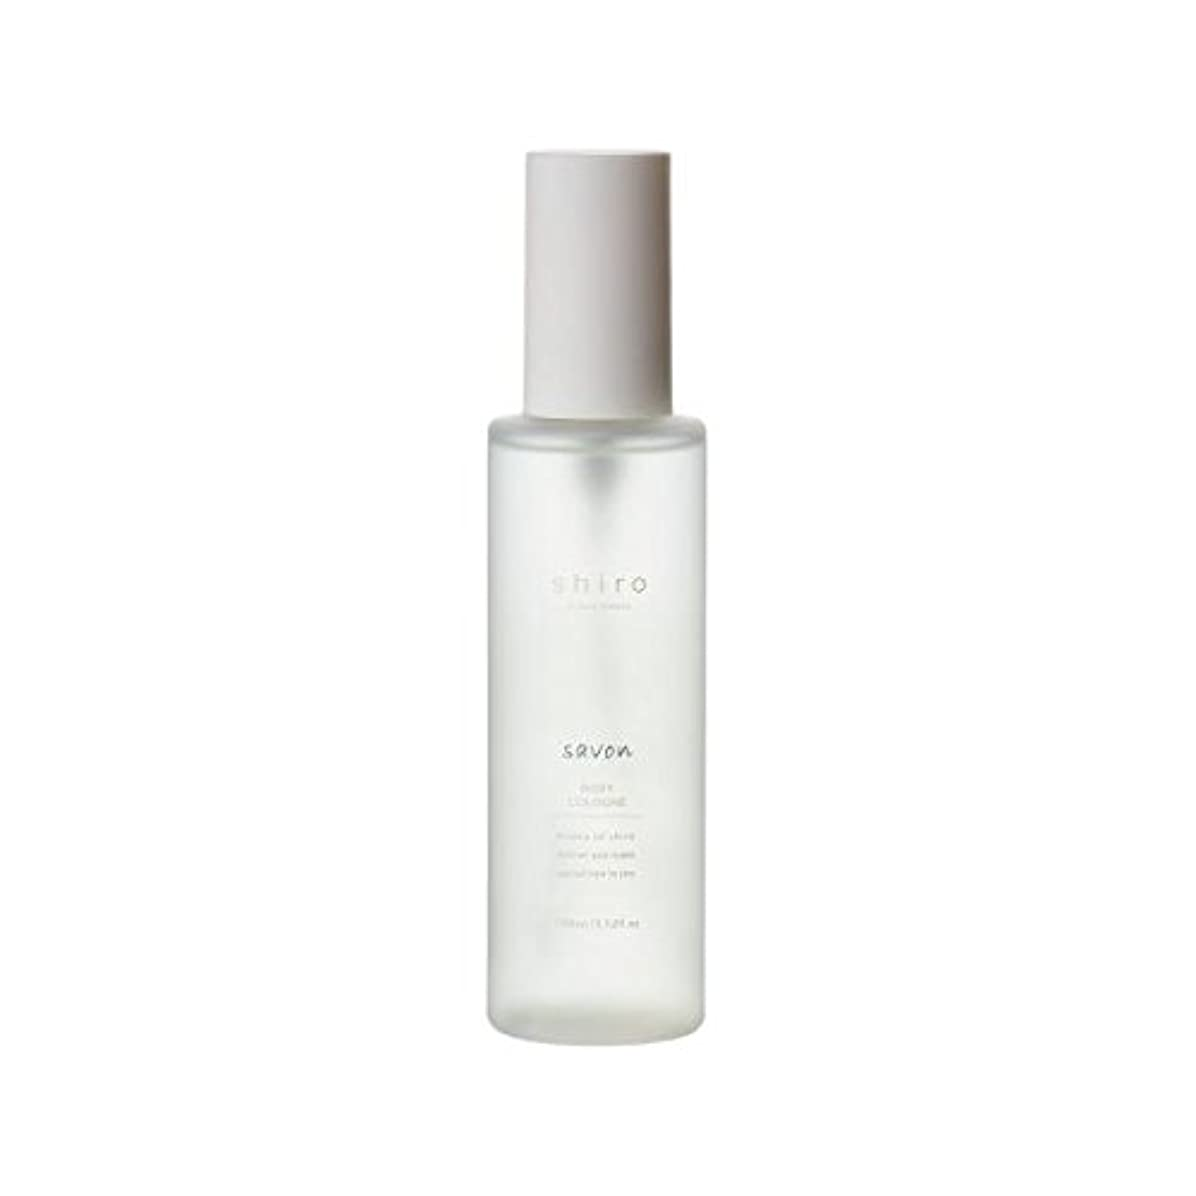 くまキャンプ過敏なshiro サボン ボディコロン 100ml 清潔で透明感のある自然な石けんの香り ミスト シロ